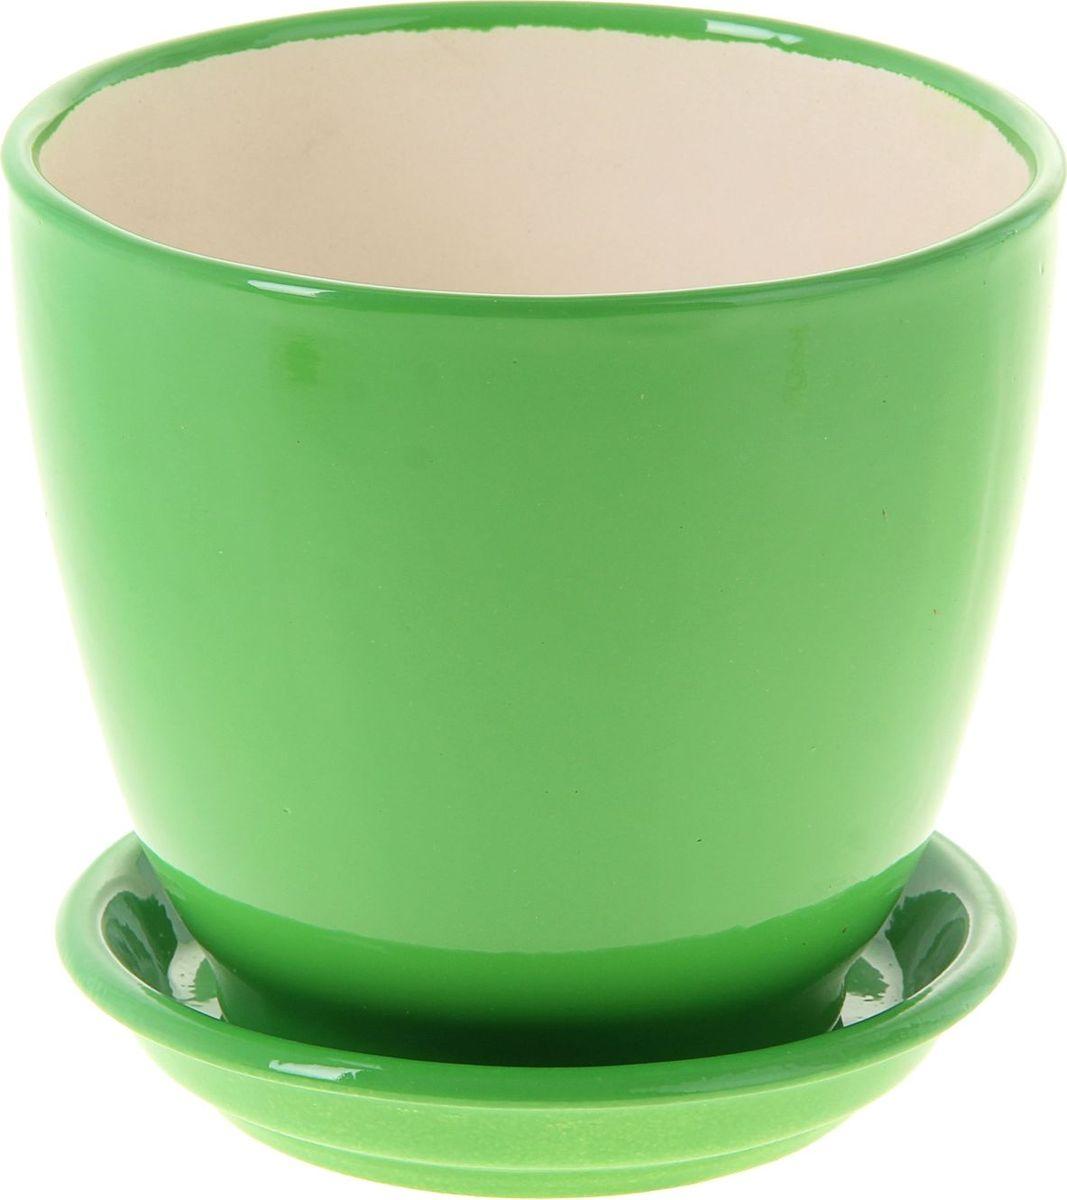 Кашпо Керамика ручной работы Кедр. Глянец, цвет: зеленый, 1,6 л1019403Комнатные растения - всеобщие любимцы. Они радуют глаз, насыщают помещение кислородом и украшают пространство. Каждому из них необходим свой удобный и красивый дом. Кашпо из керамики прекрасно подходят для высадки растений:пористый материал позволяет испаряться лишней влаге;воздух, необходимый для дыхания корней, проникает сквозь керамические стенки. Кашпо Кедр. Глянец позаботится о зеленом питомце, освежит интерьер и подчеркнет его стиль.